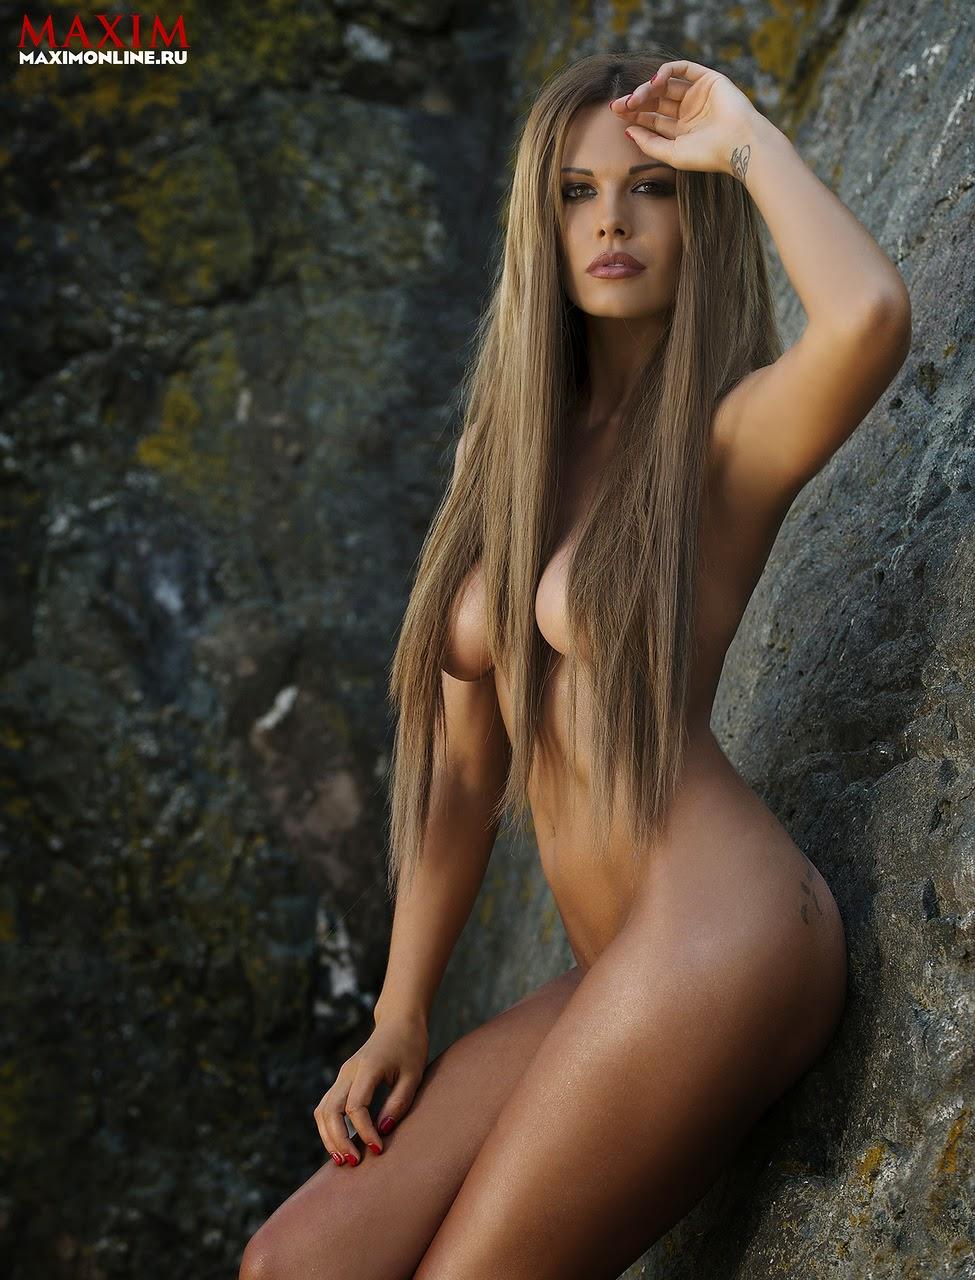 Порнфото актрис россии 7 фотография